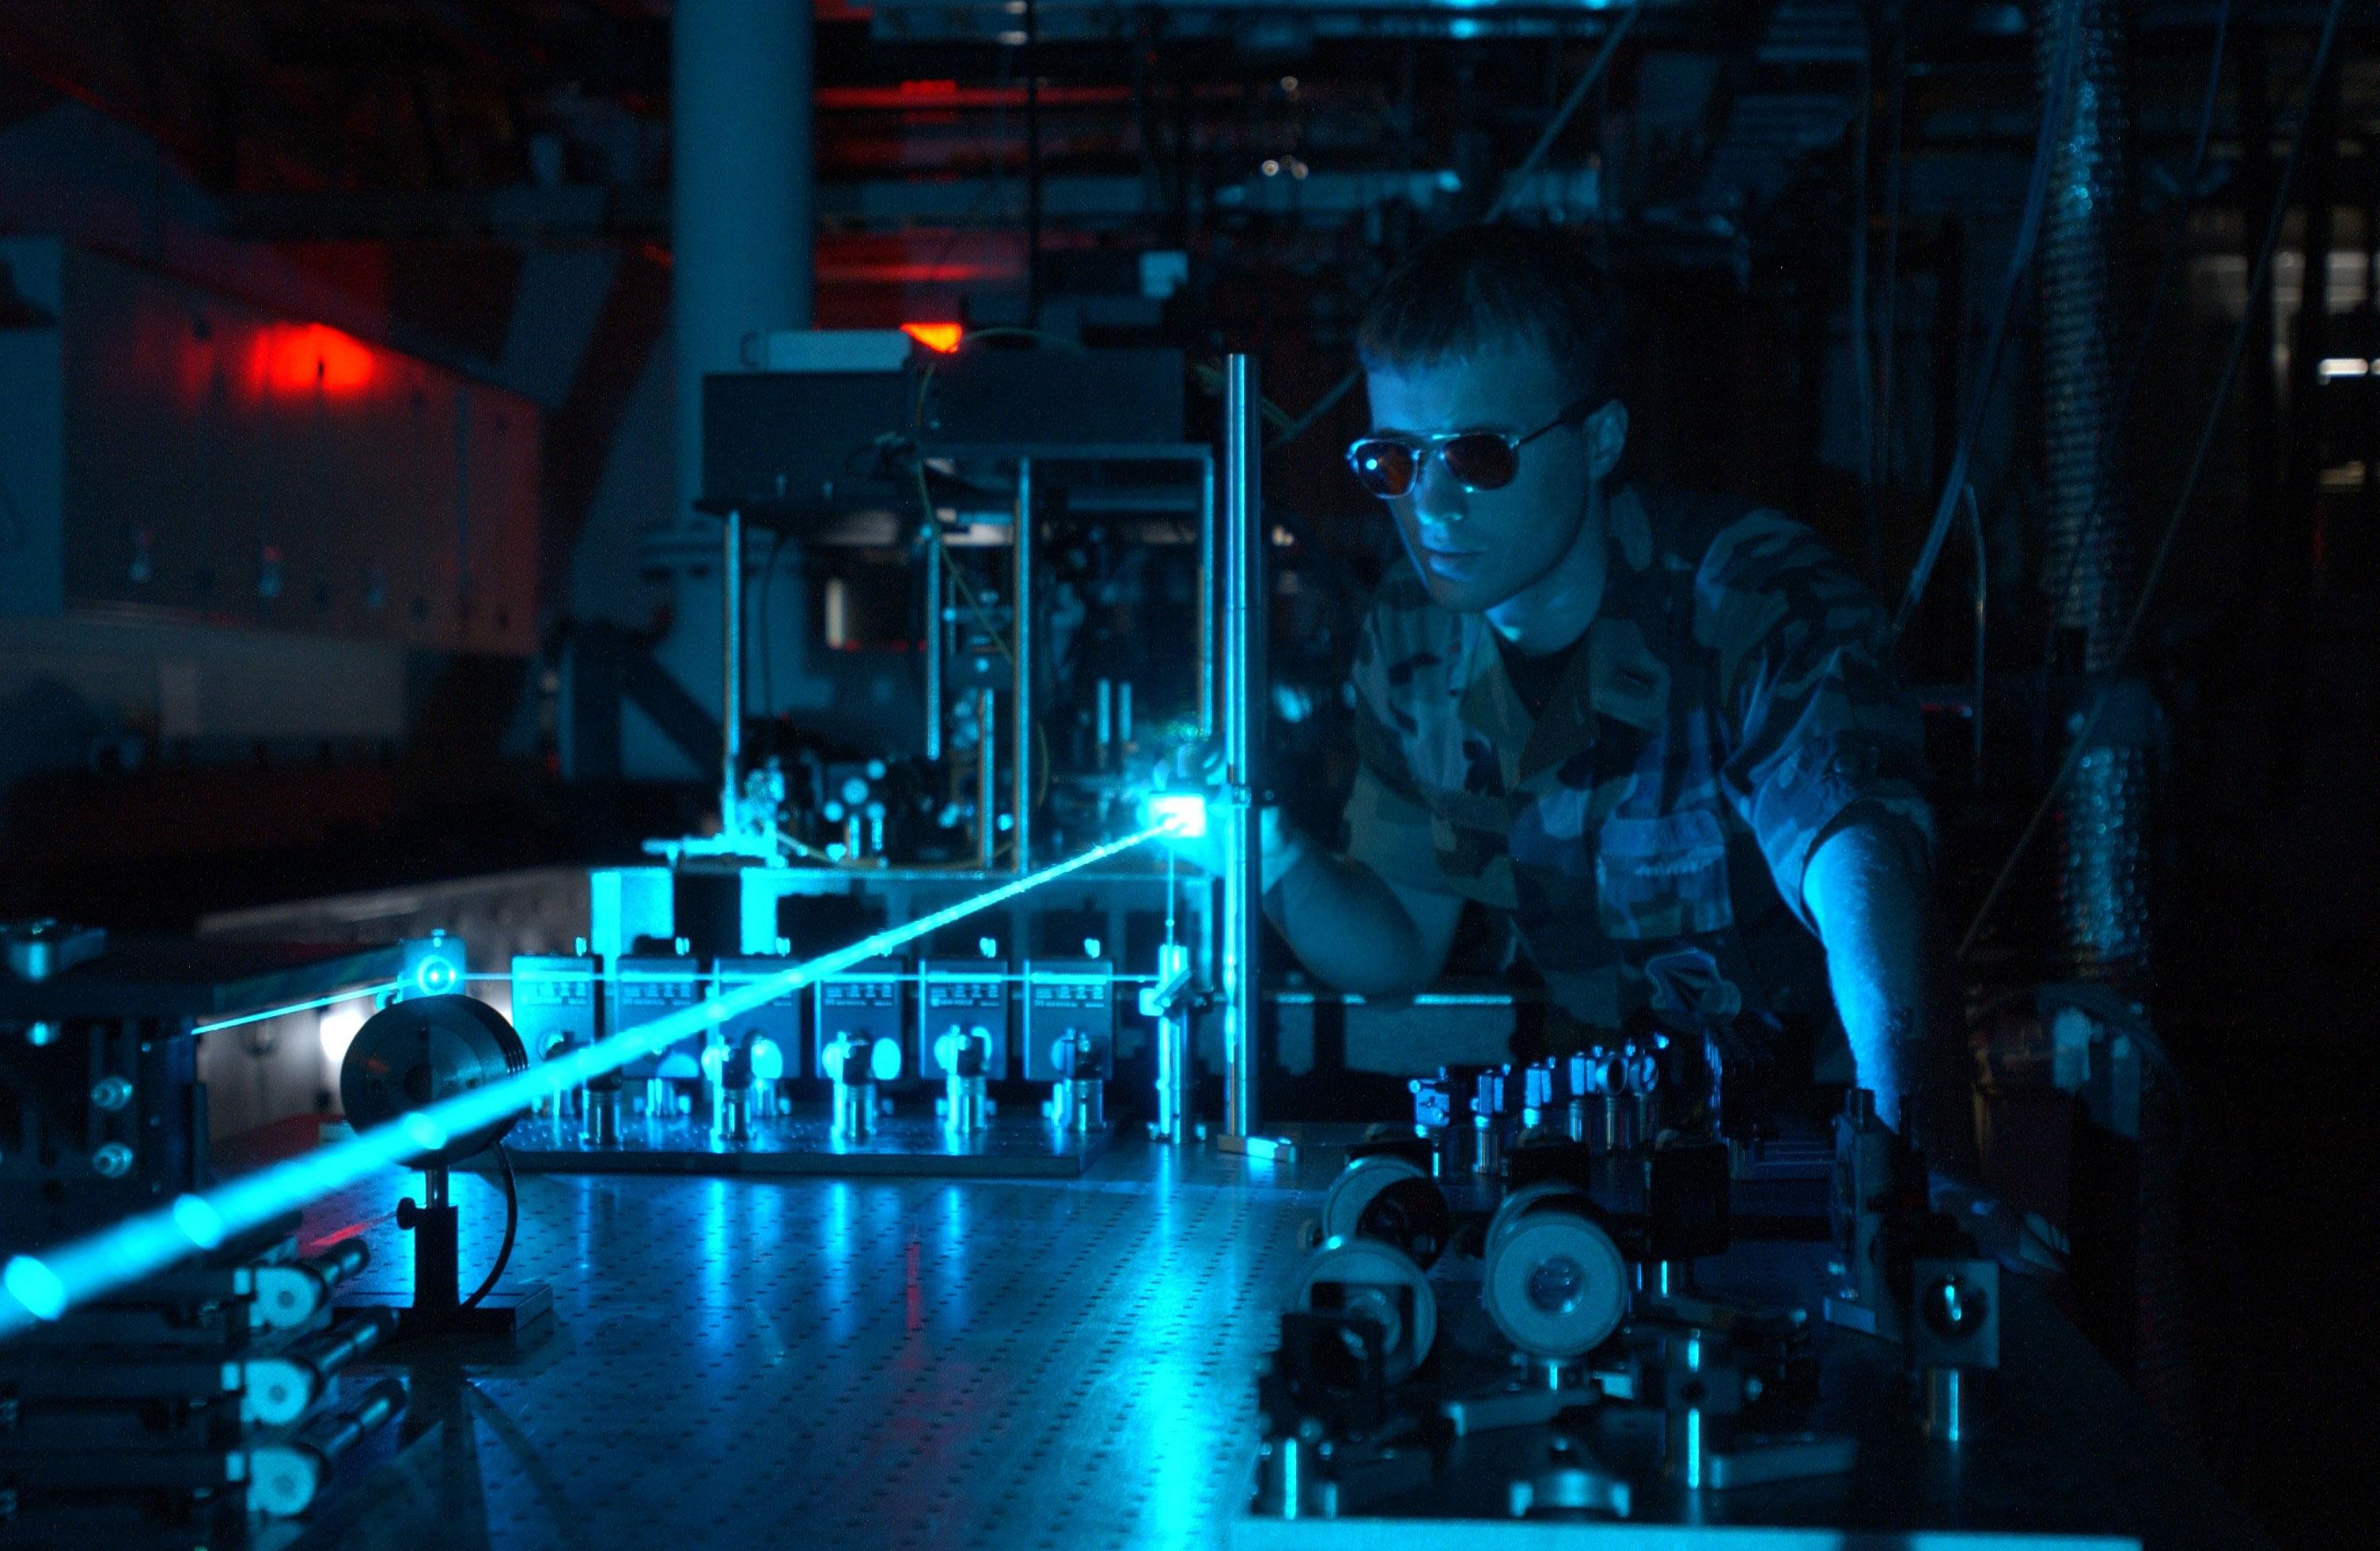 Military laser experiment. Crédito da imagem: Wikimedia